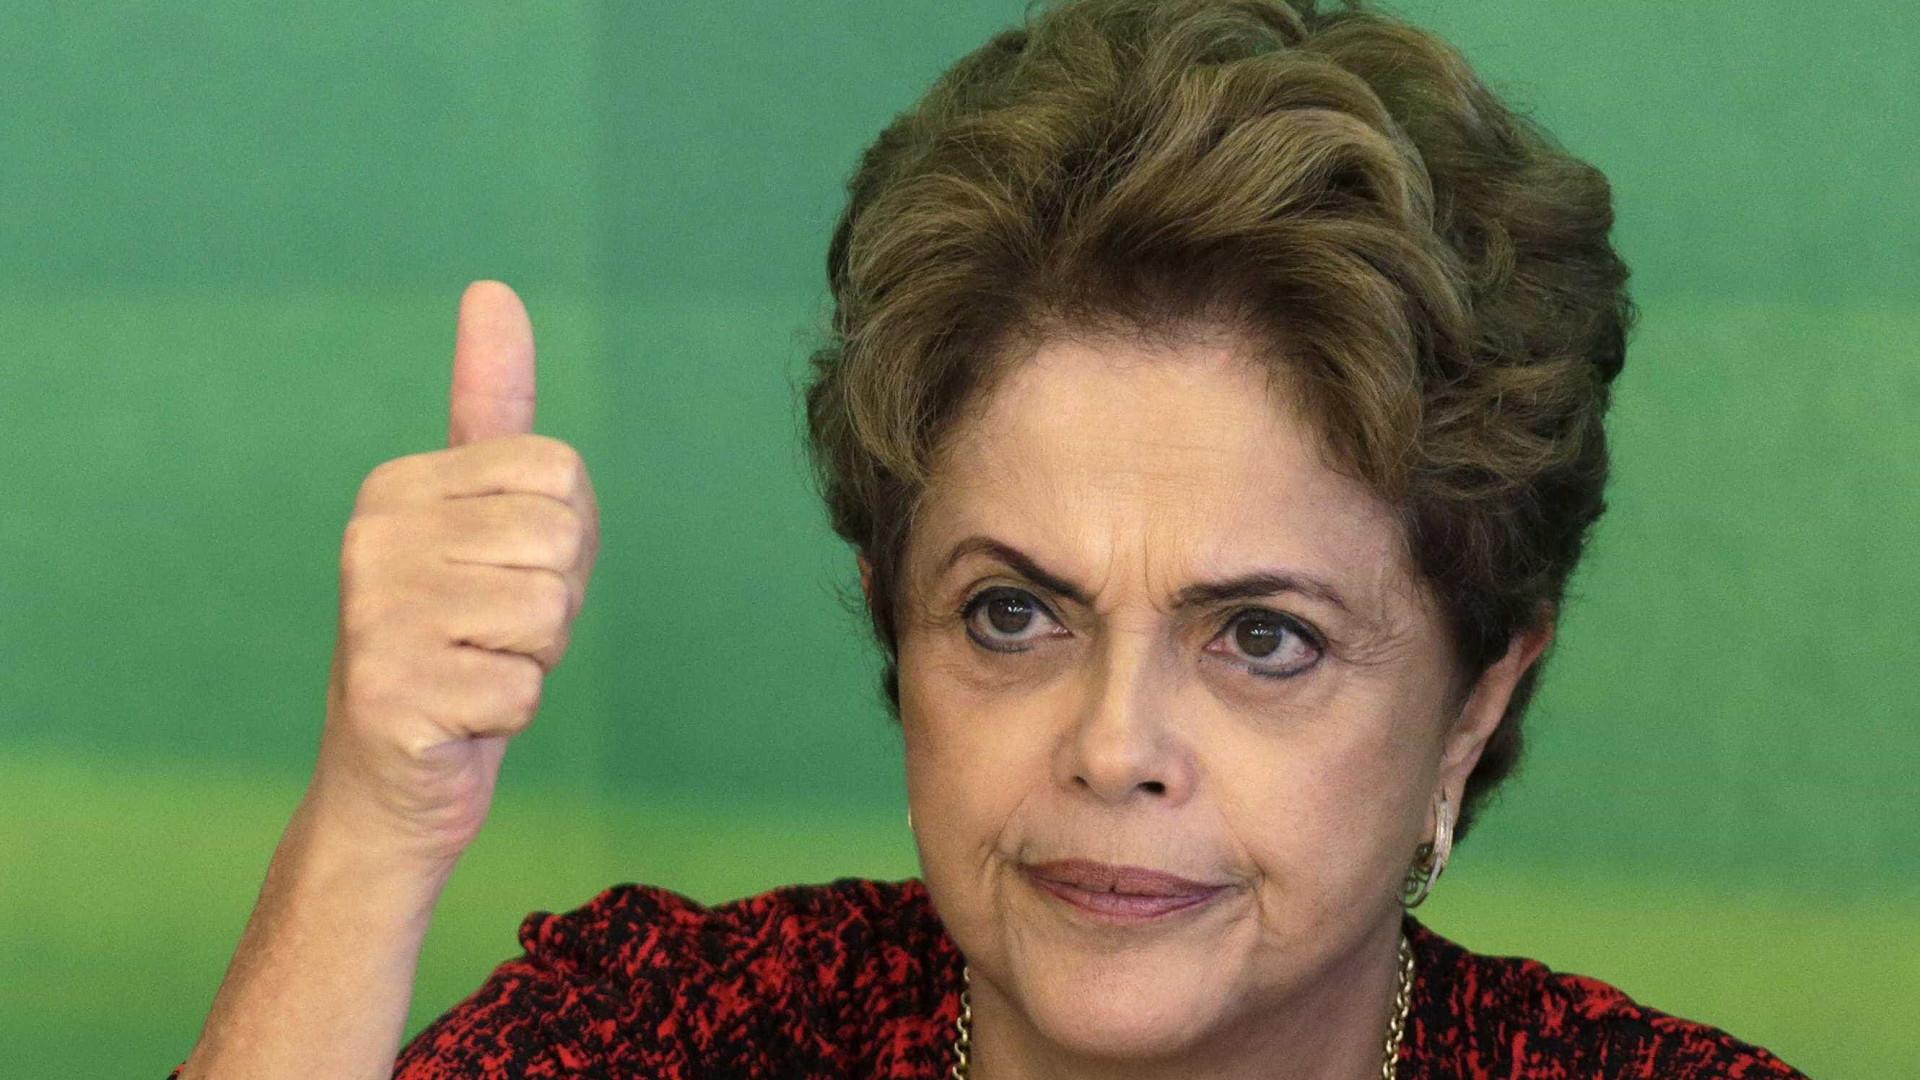 Dilma comemora indicação de documentário que fala sobre impeachment